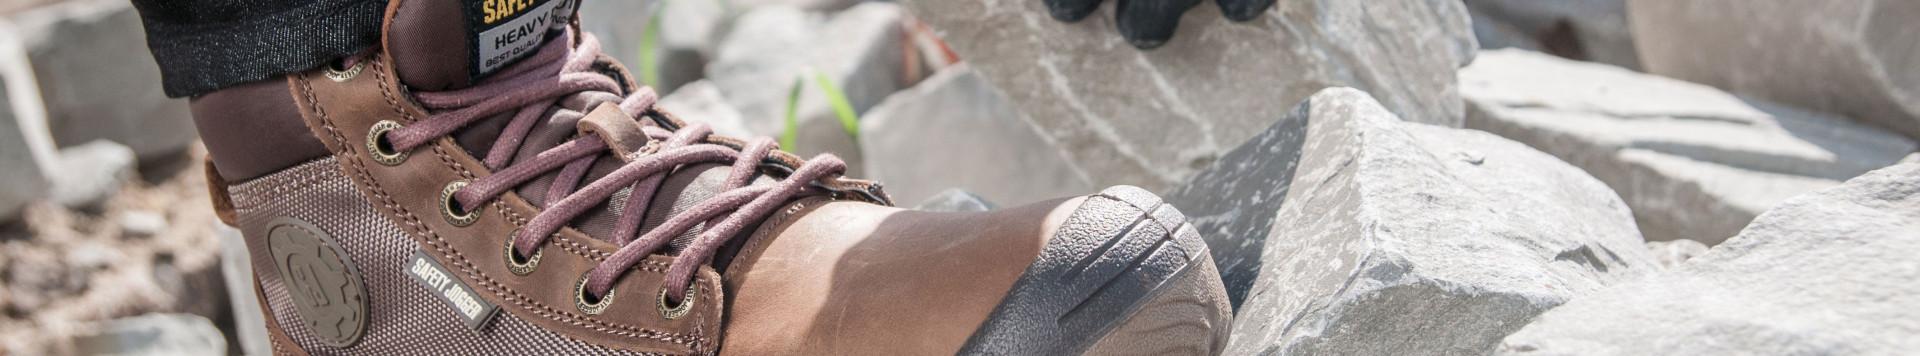 Werk- en veiligheidsschoenen, medische klompen, bouw laarzen.